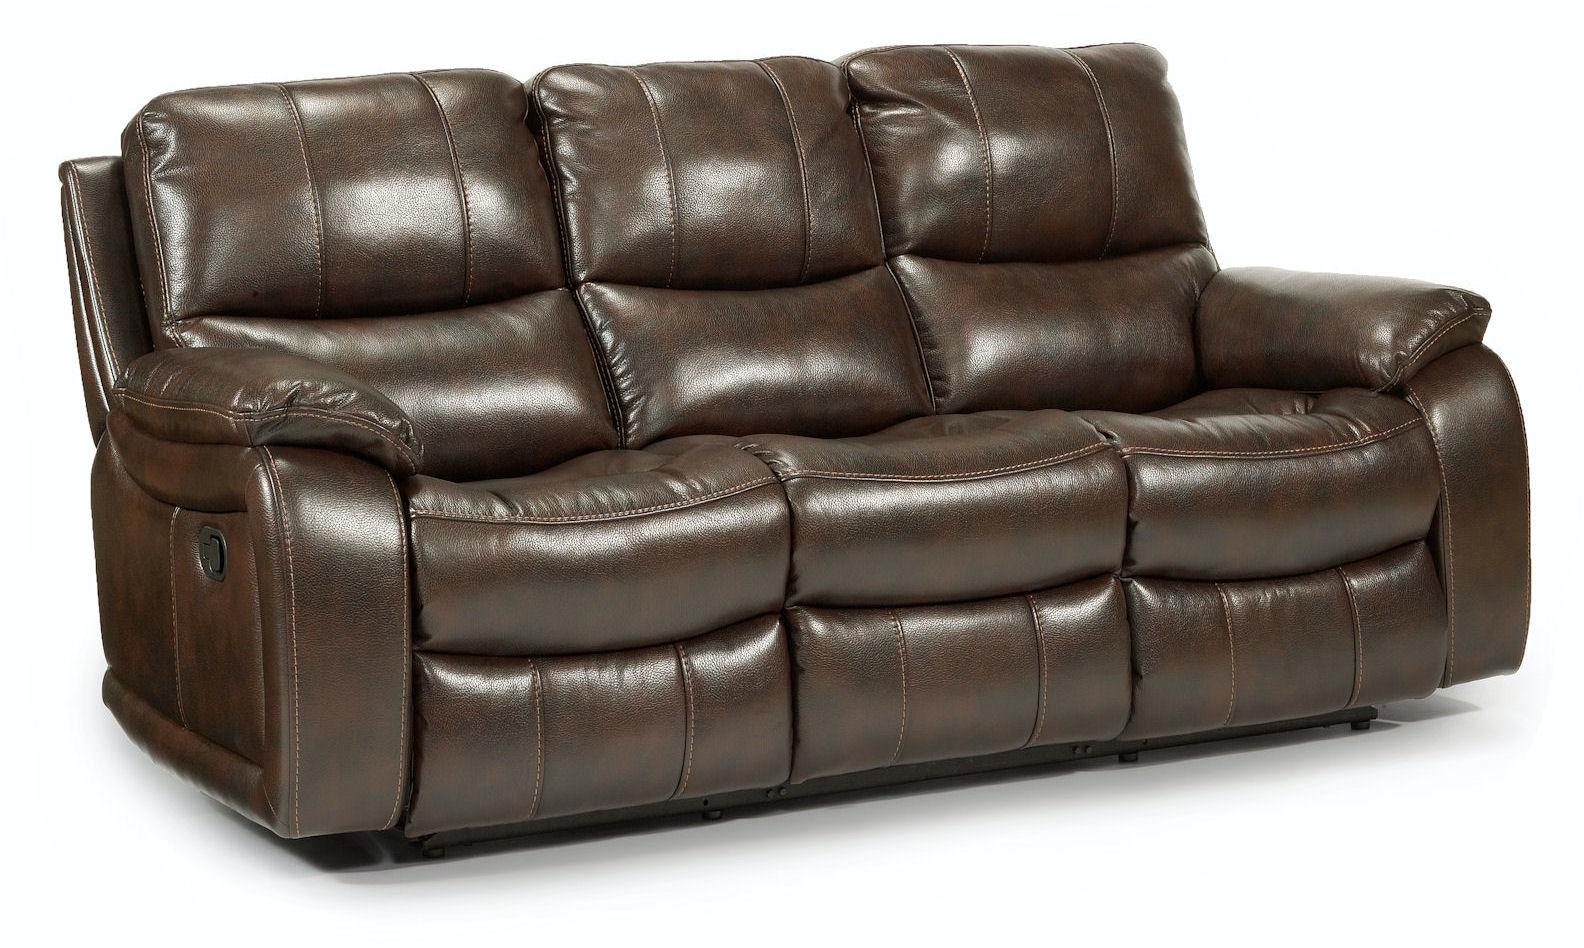 flexsteel julio reclining sofa gumtree bed north london recliner woodstock